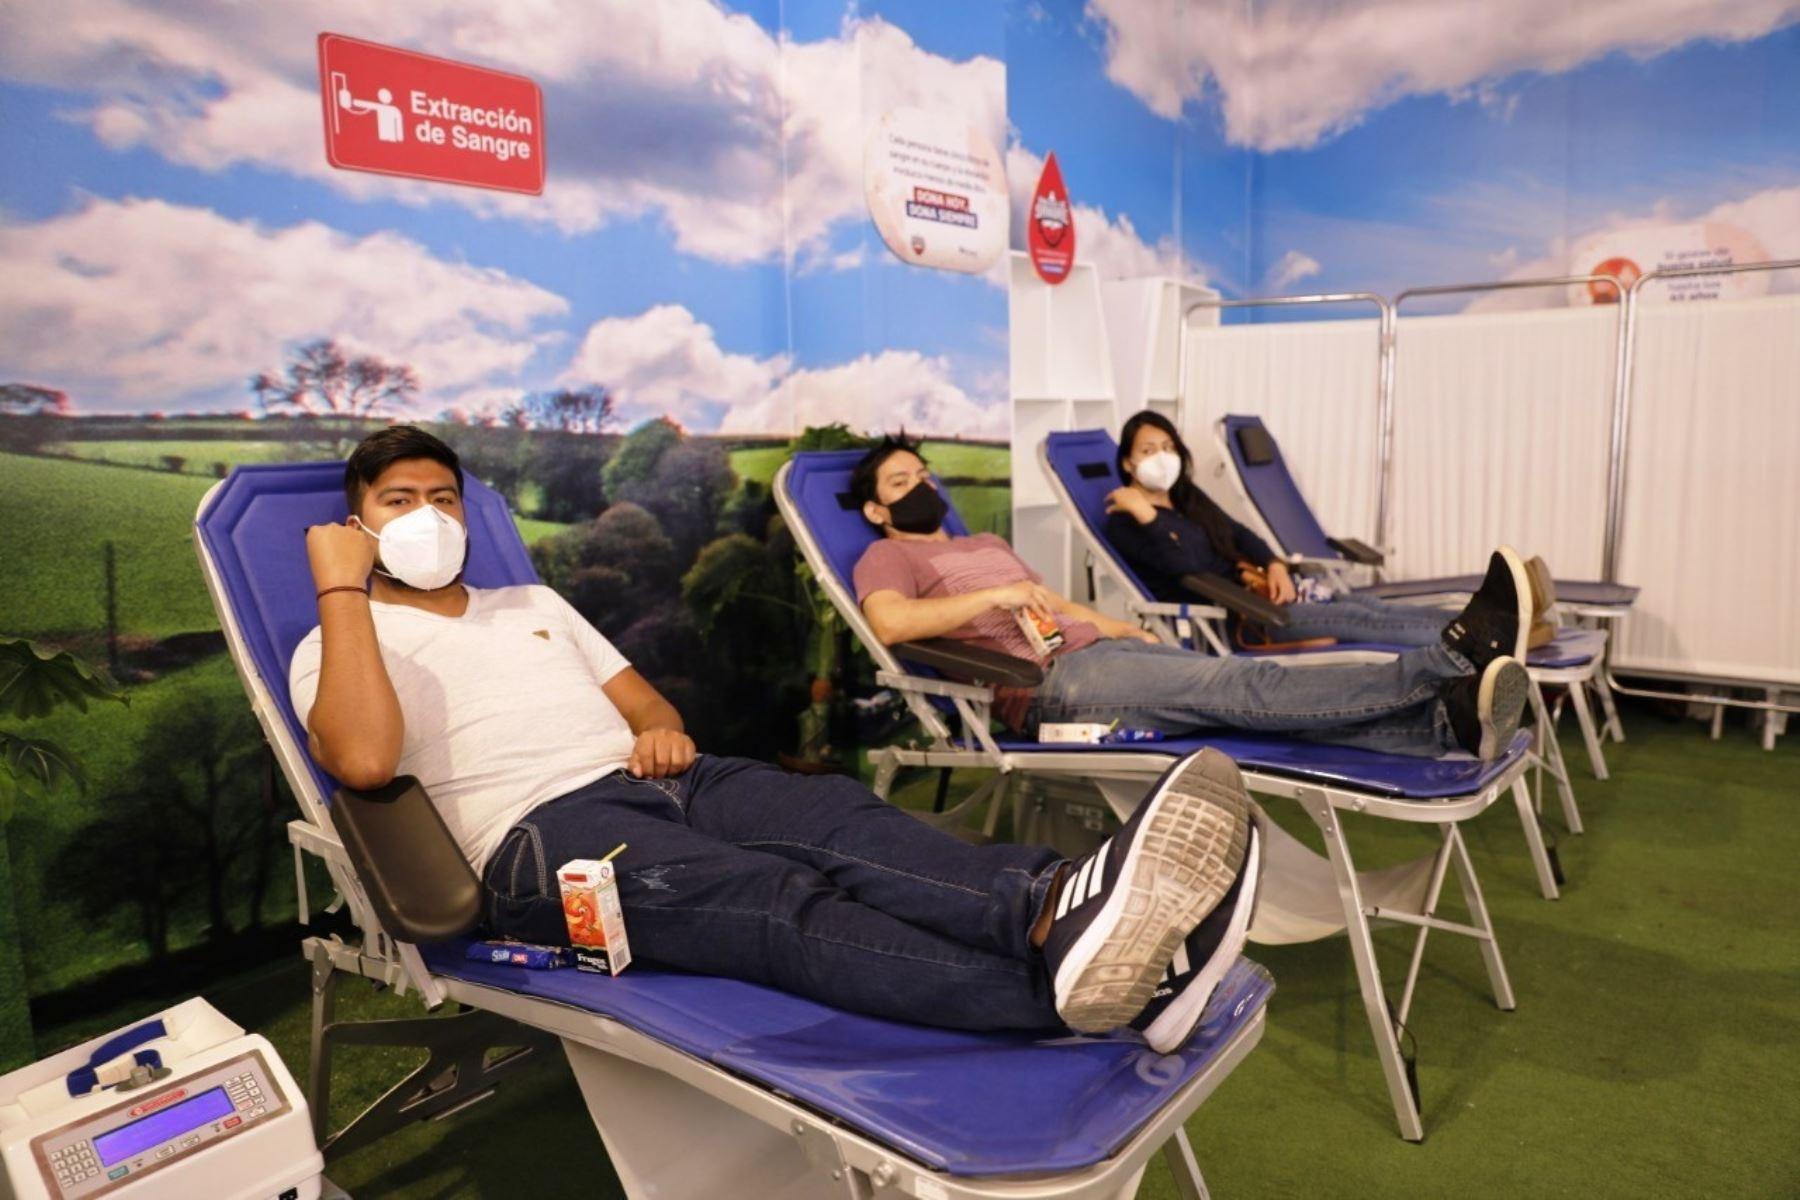 EsSalud reúne cerca de 5,000 unidades en sangre solo en Lima durante emergencia | Noticias